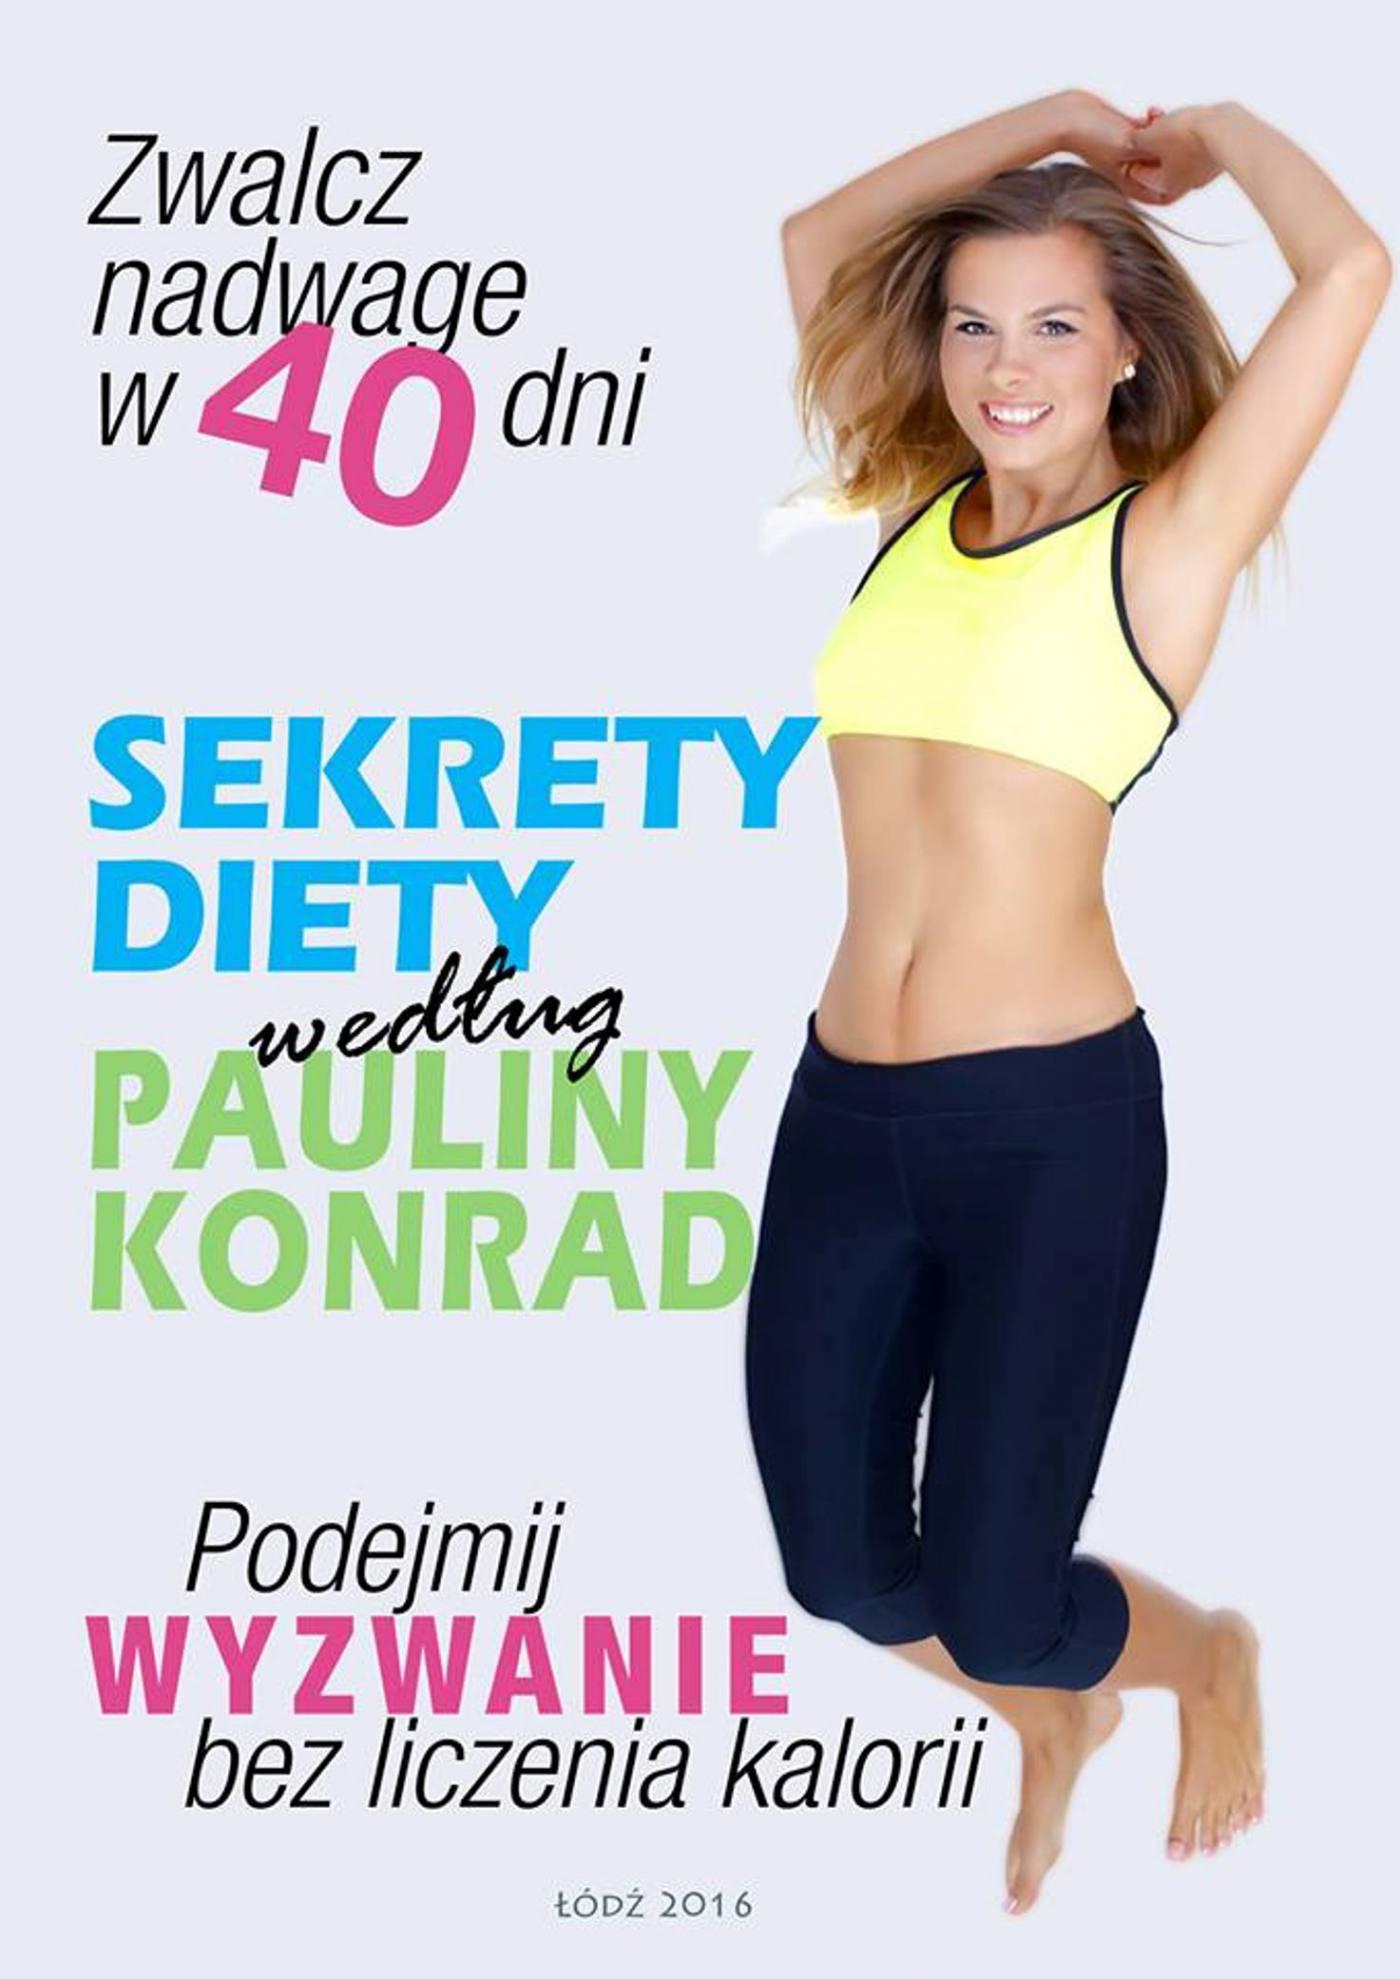 Sekrety diety według Pauliny Konrad - Ebook (Książka na Kindle) do pobrania w formacie MOBI